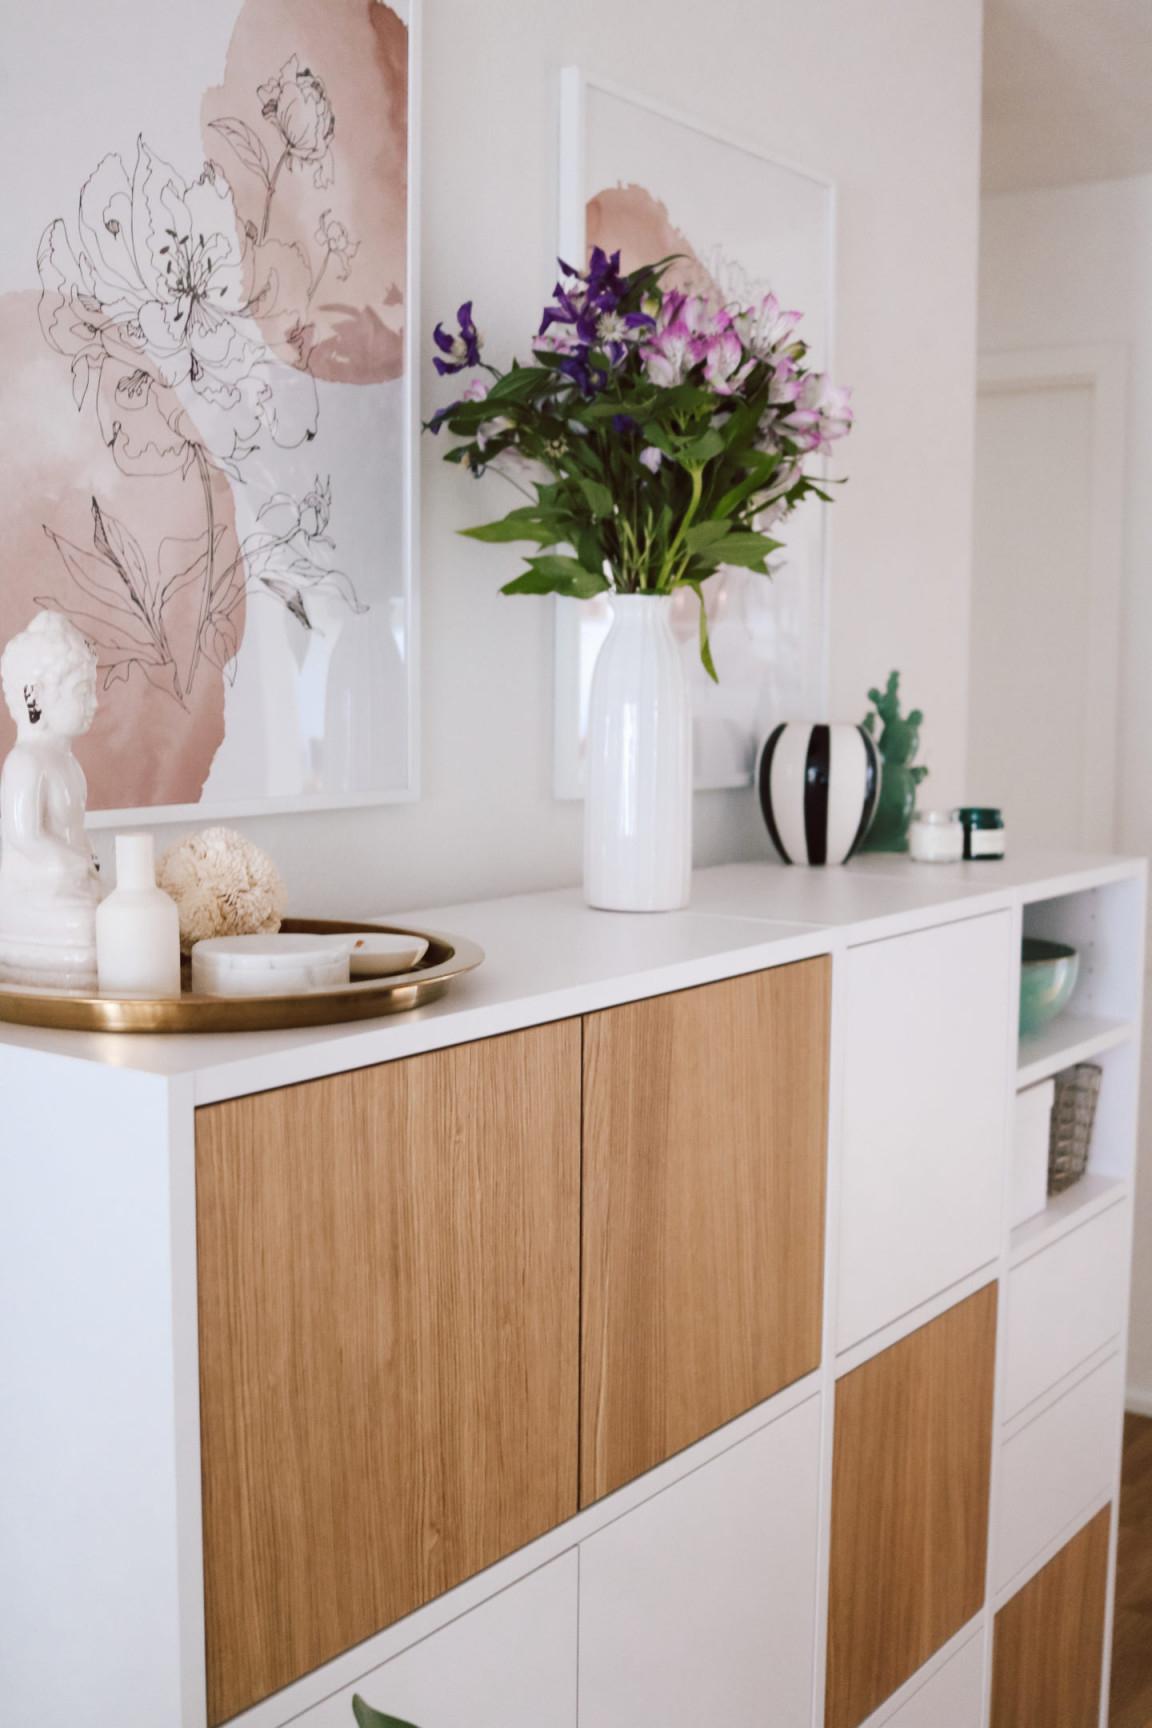 Inspiration Wohnzimmer Sideboard Deko – Caseconrad von Deko Sideboard Wohnzimmer Bild